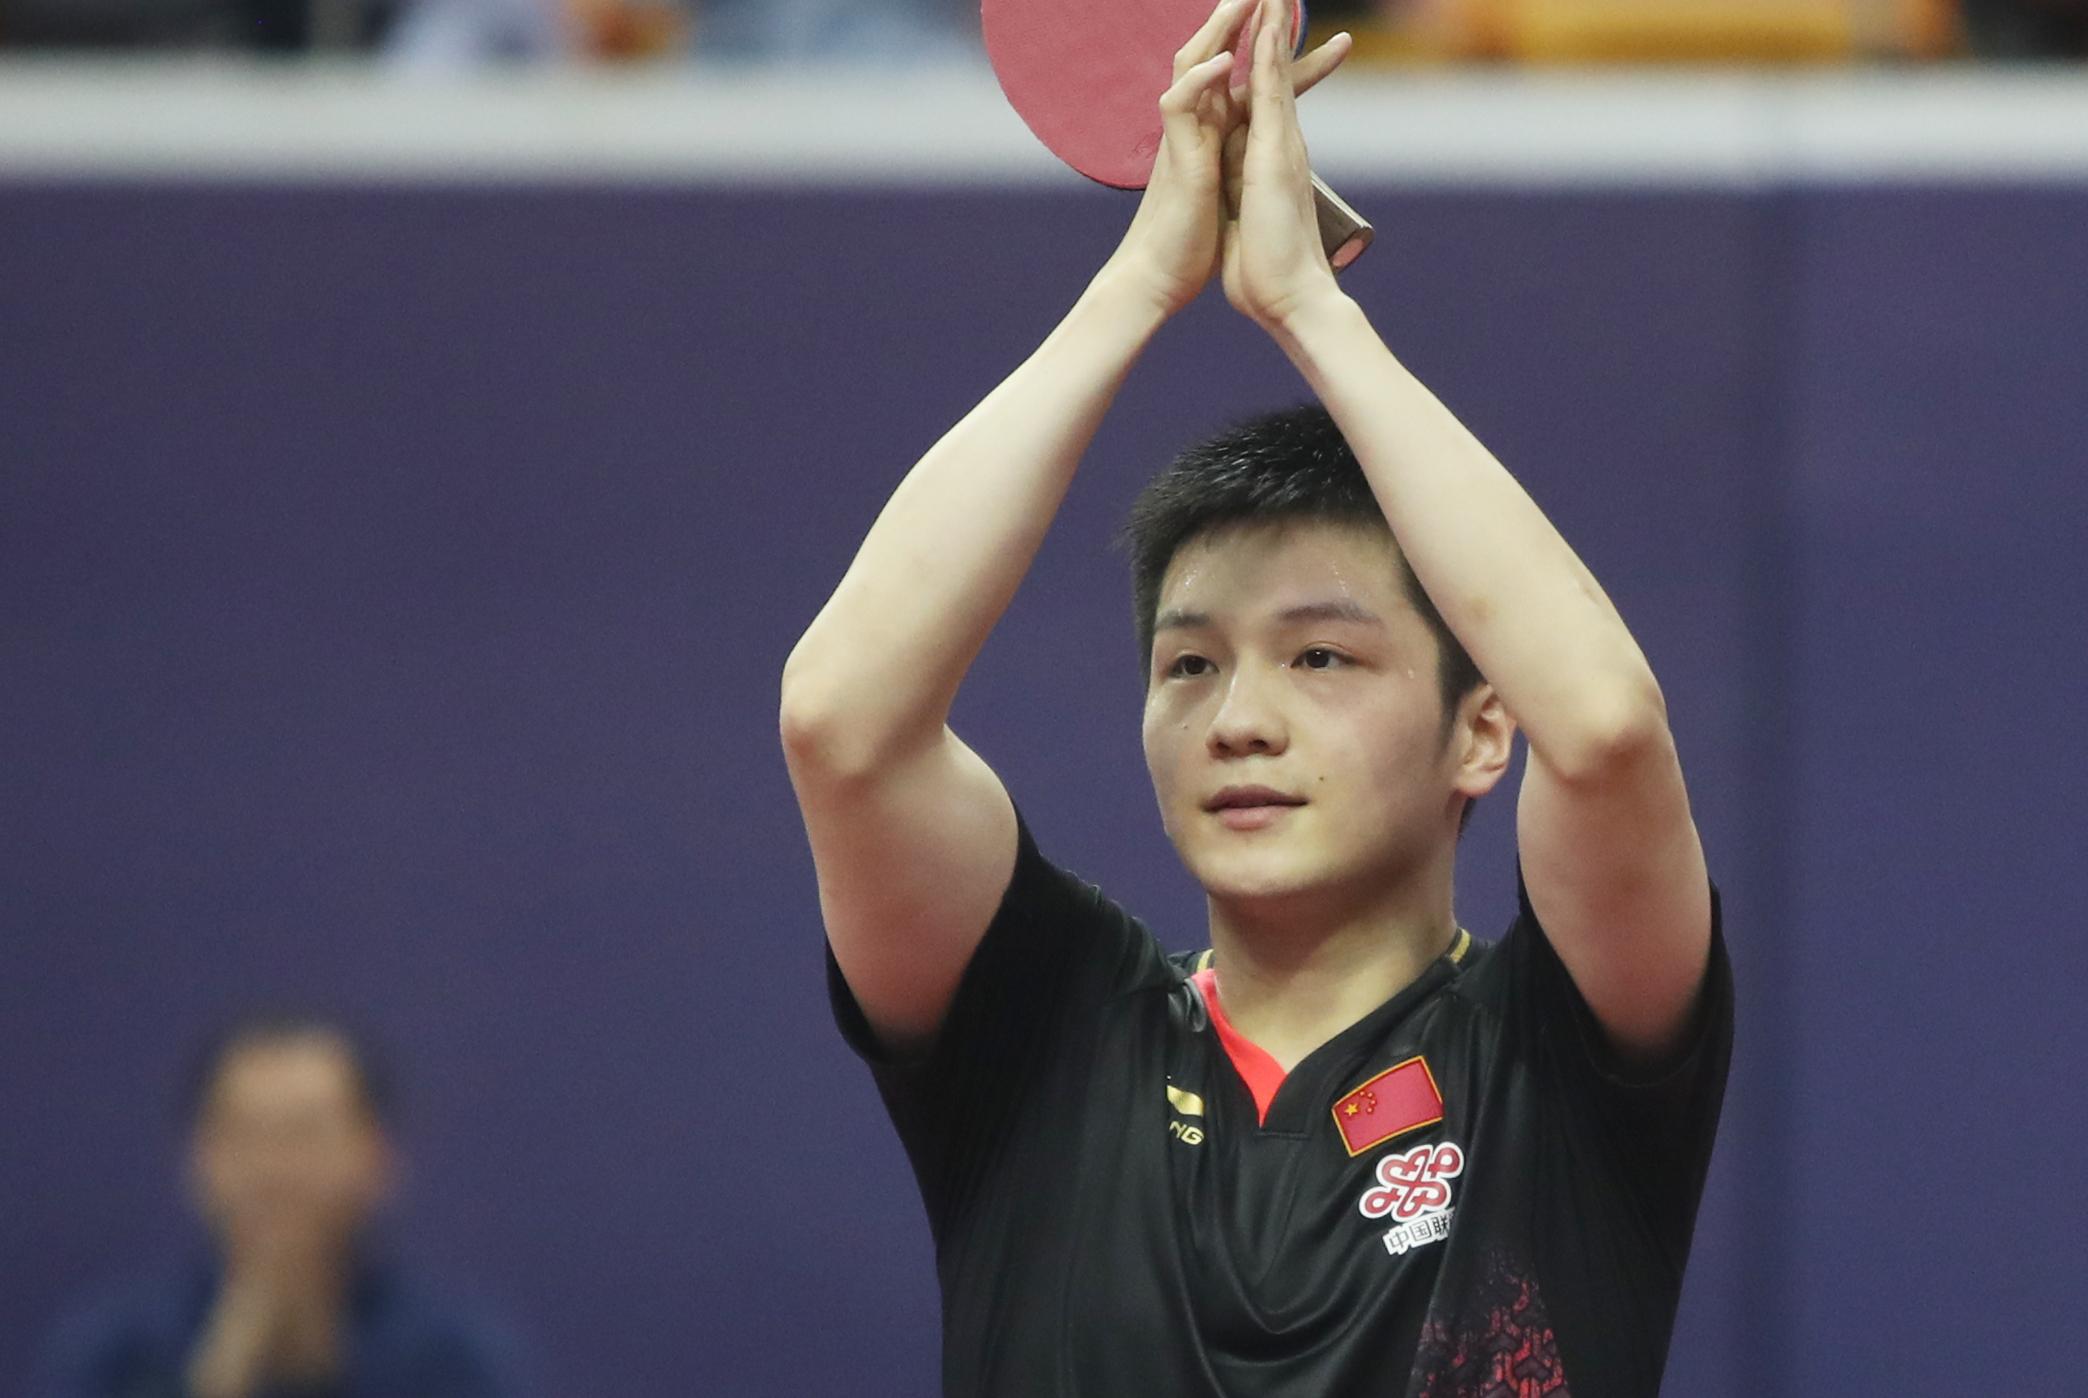 提前一轮锁定冠军!樊振东:夺冠对世乒赛很重要